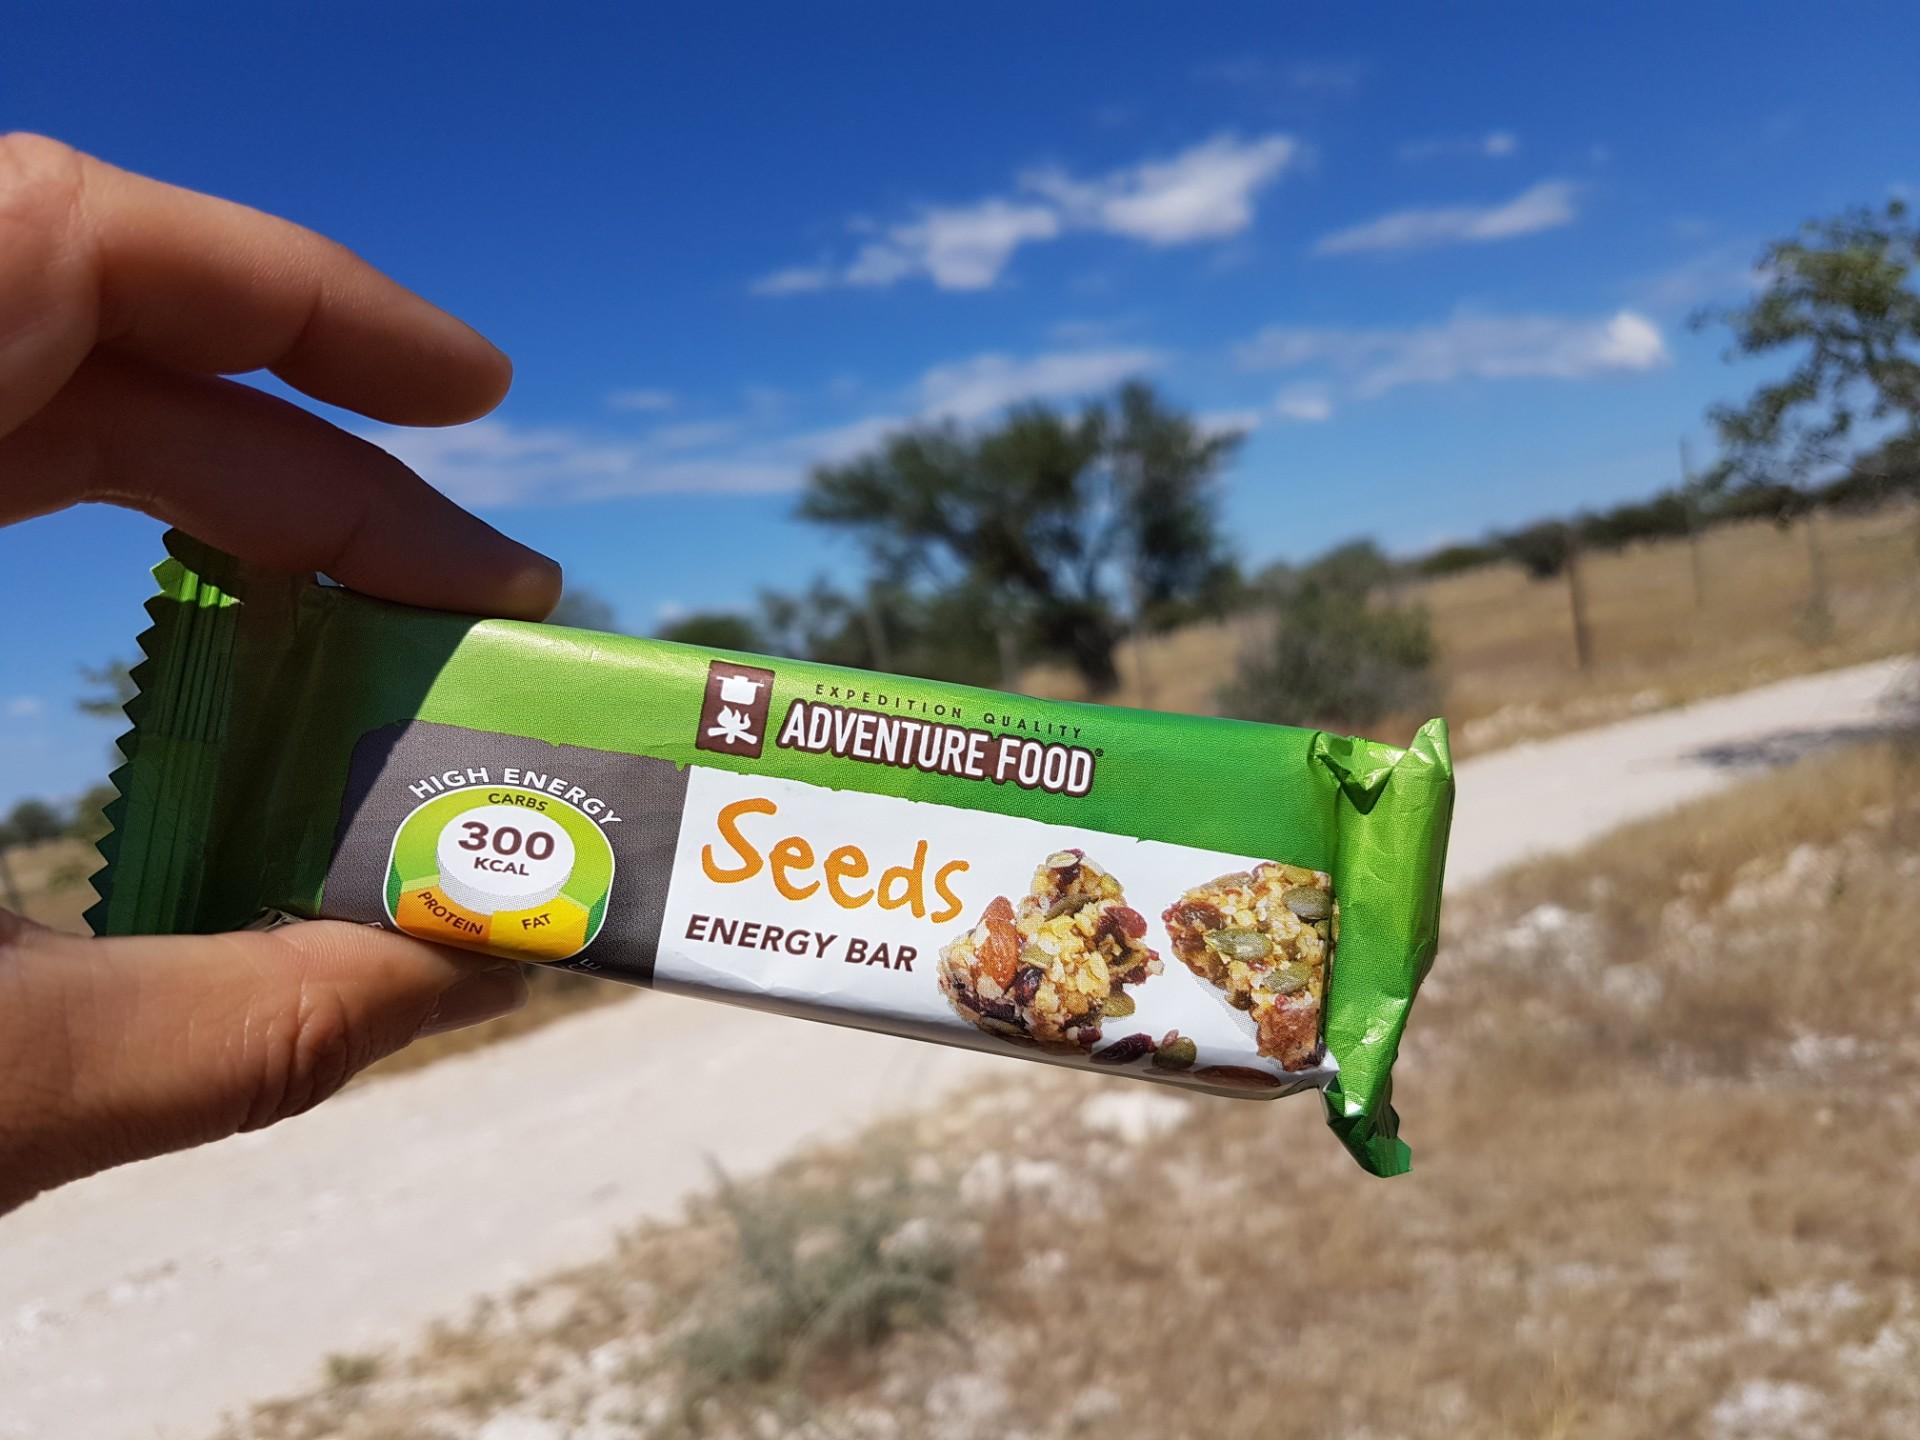 Mein Wüstenessen: Adventure Food